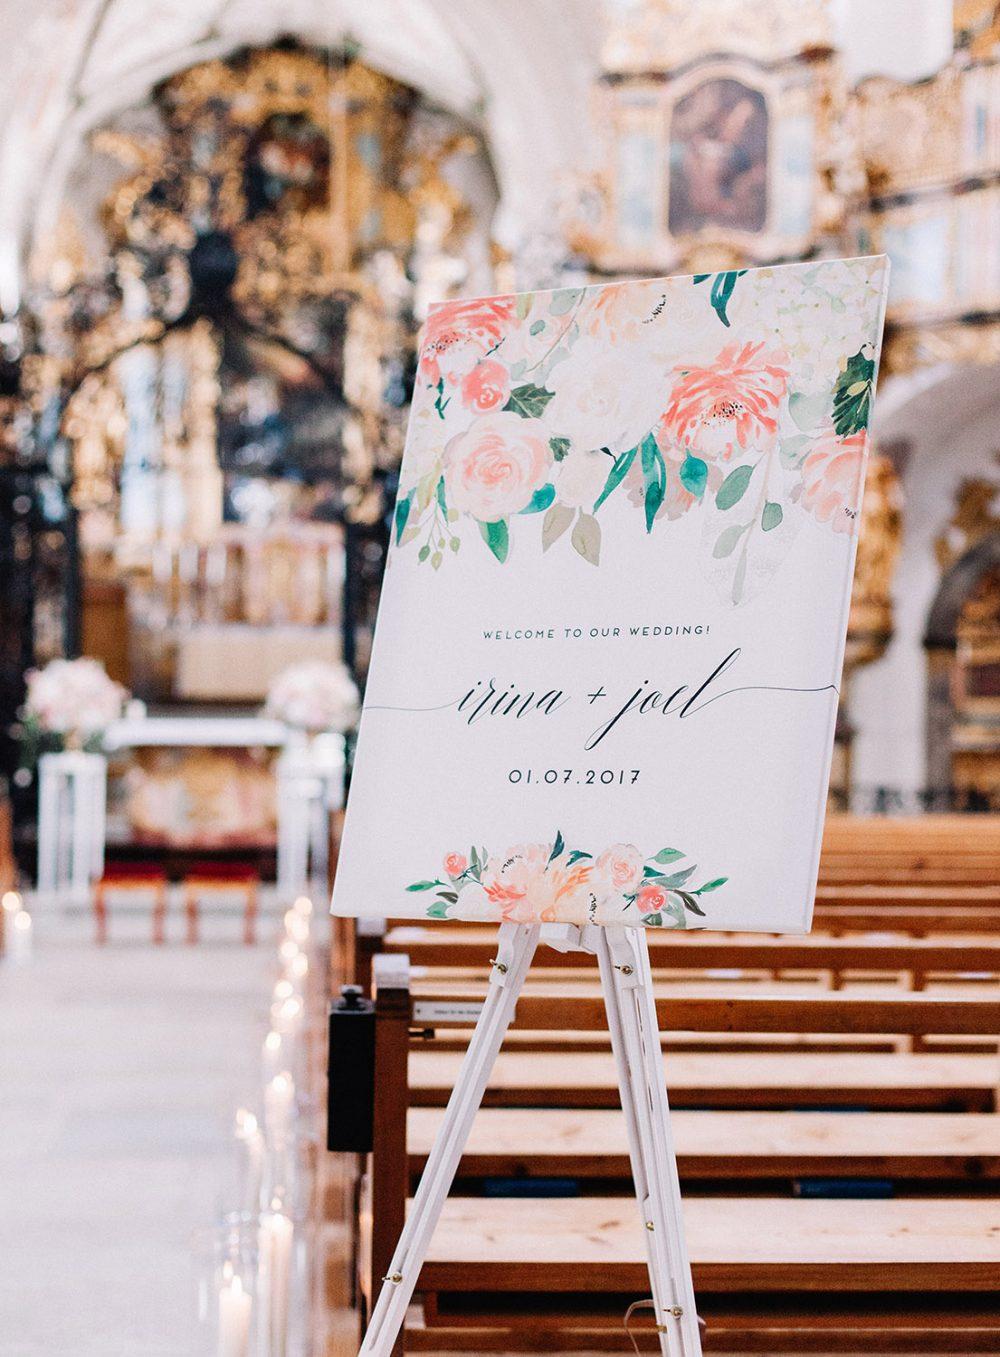 Heiraten Hochzeit Klosterkirche Muri Lake Lucerne Wedding Blush Rosa Zartrosa Grau Weiss Apricot Peach Hochzeitsblumen Schweiz Floristik und Dekoration Tabea Maria-Lisa TML